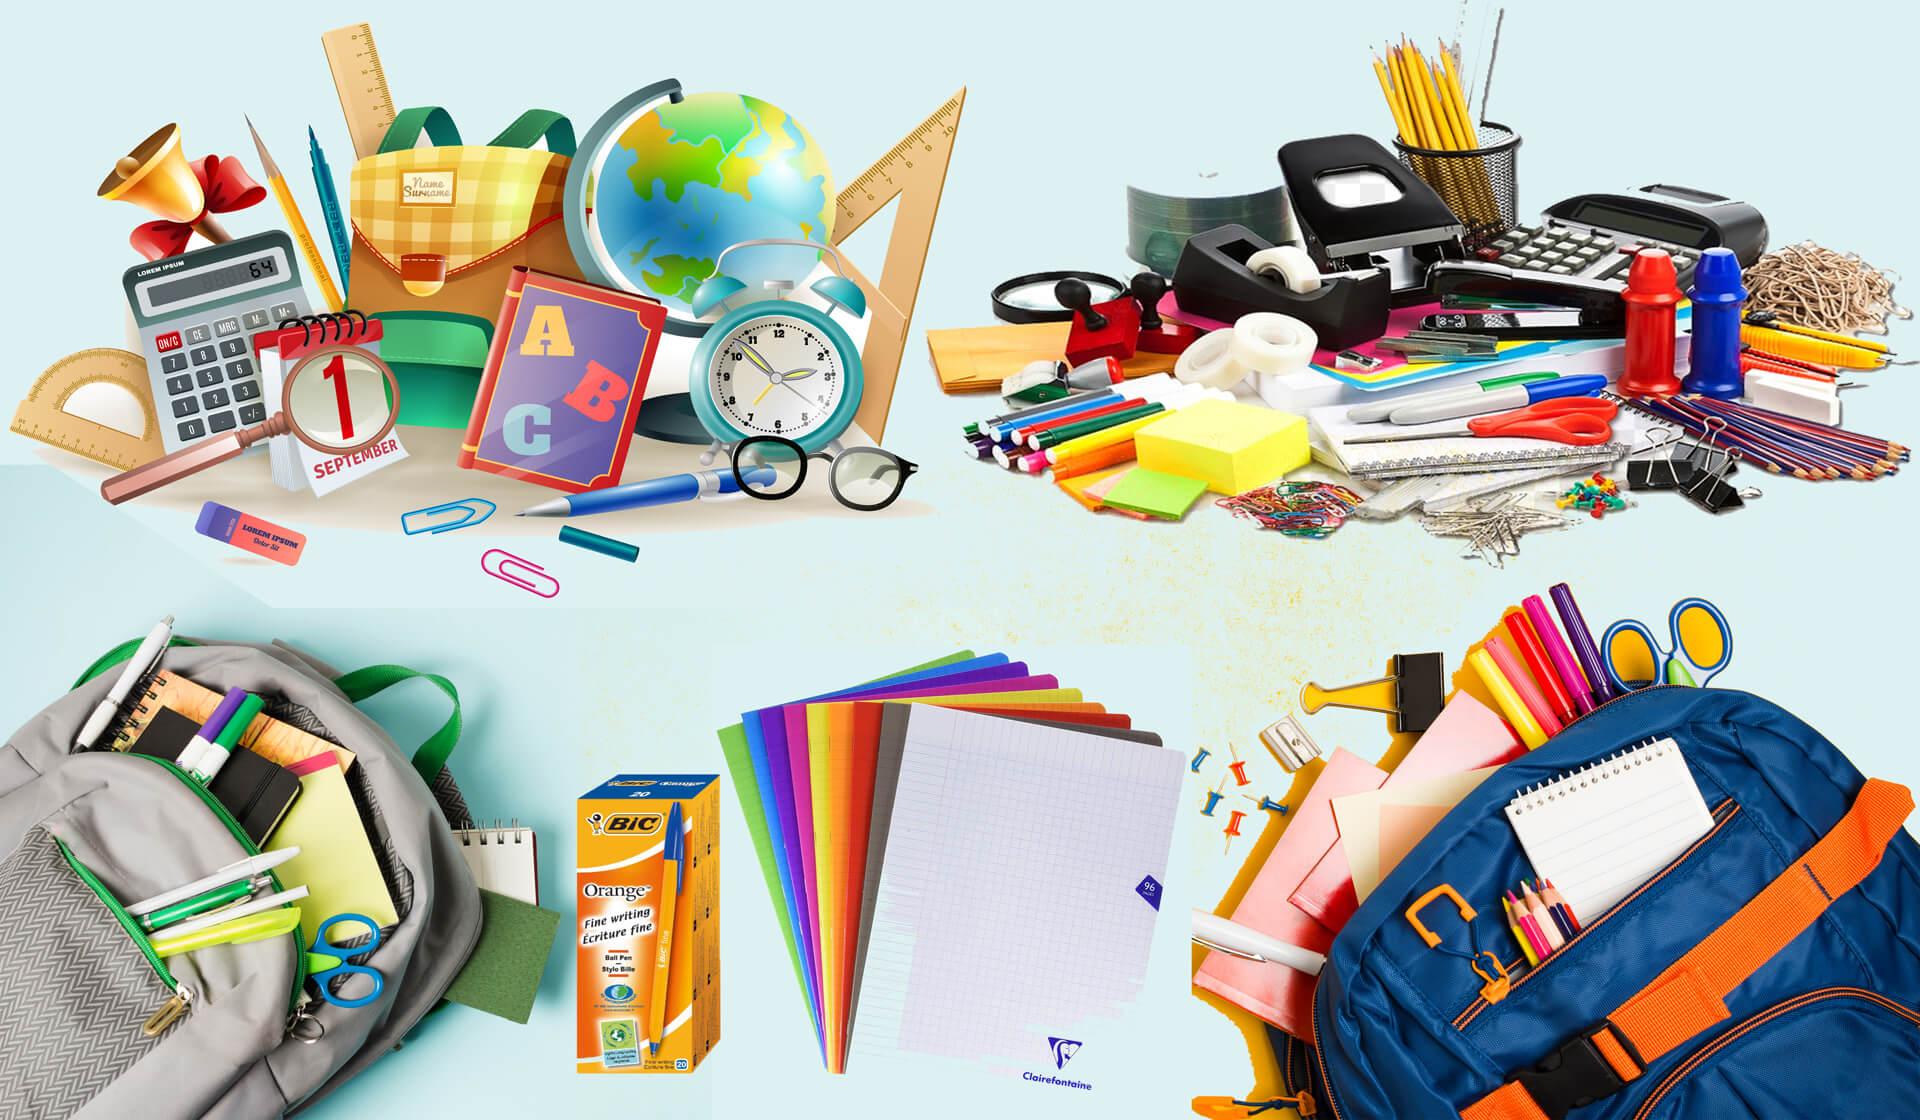 Fournitures scolaires- Les prix augmentent et la qualité se détériore: Lotfi Riahi dénonce [Audio]